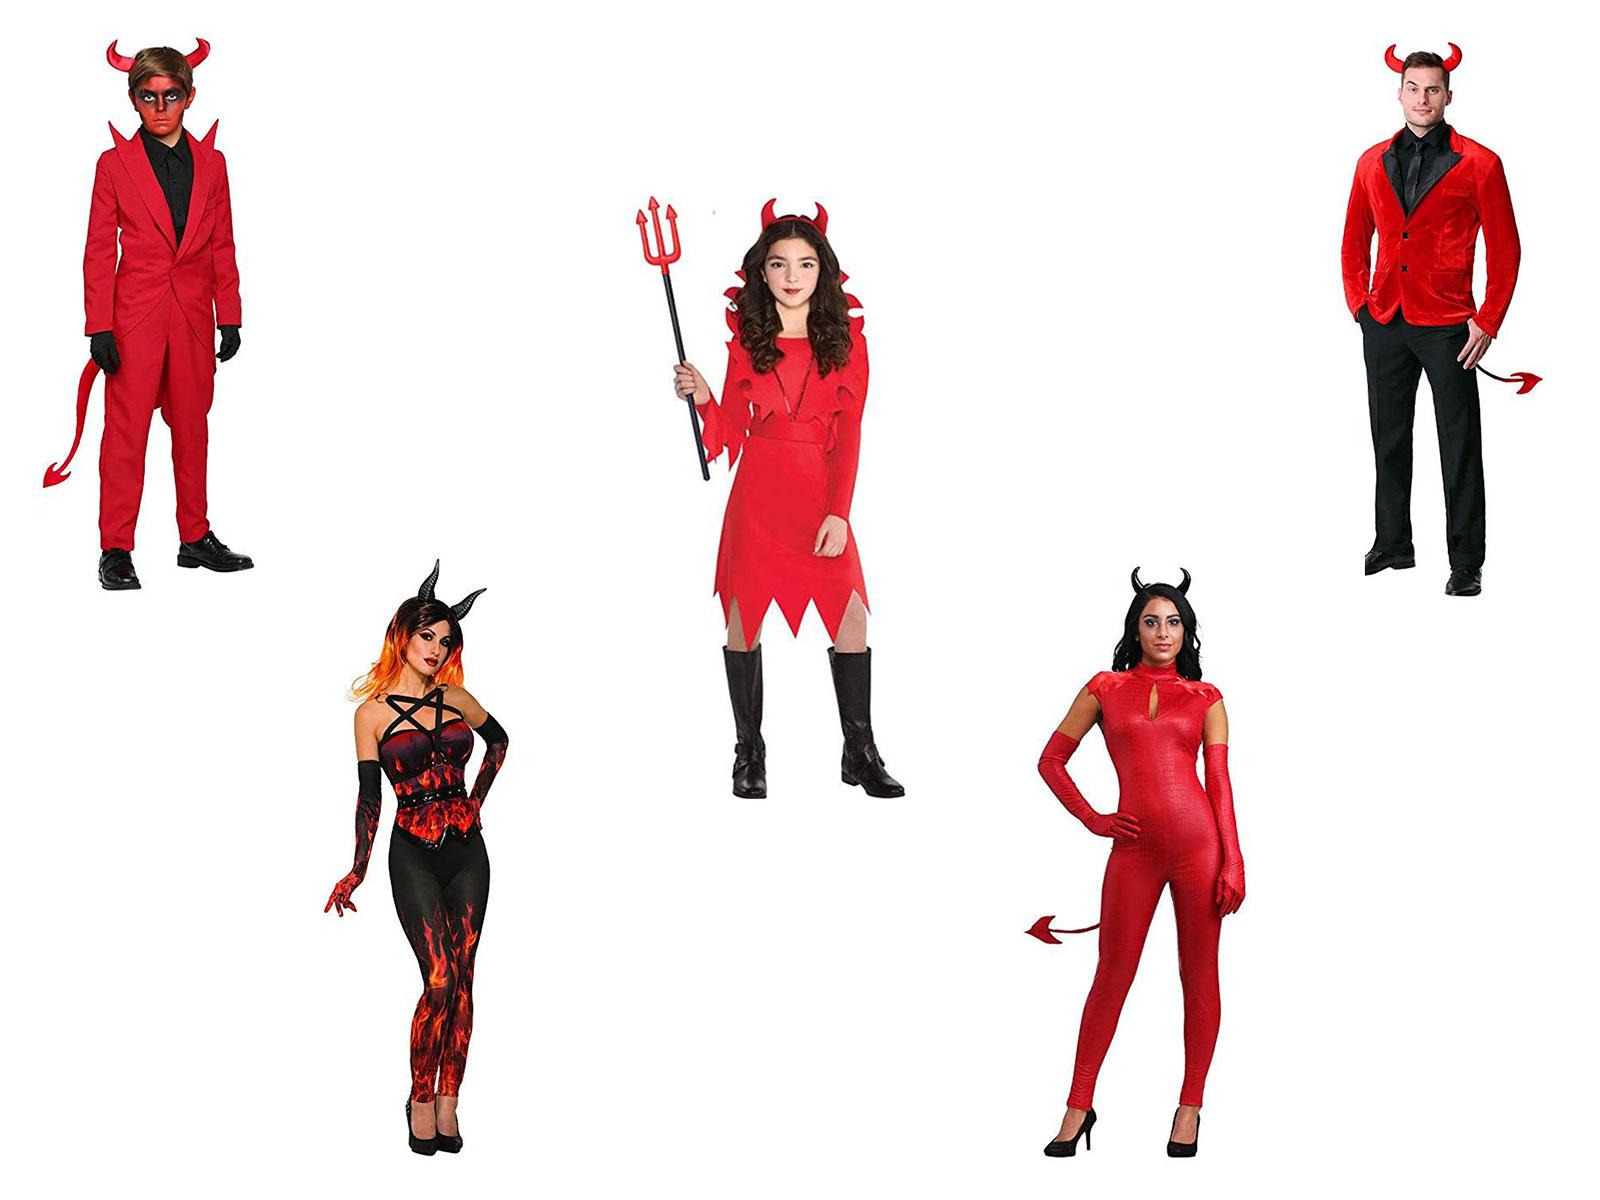 20-Scary-Halloween-Devil-Costume-Ideas-For-Kids-Men-Women-2019-F